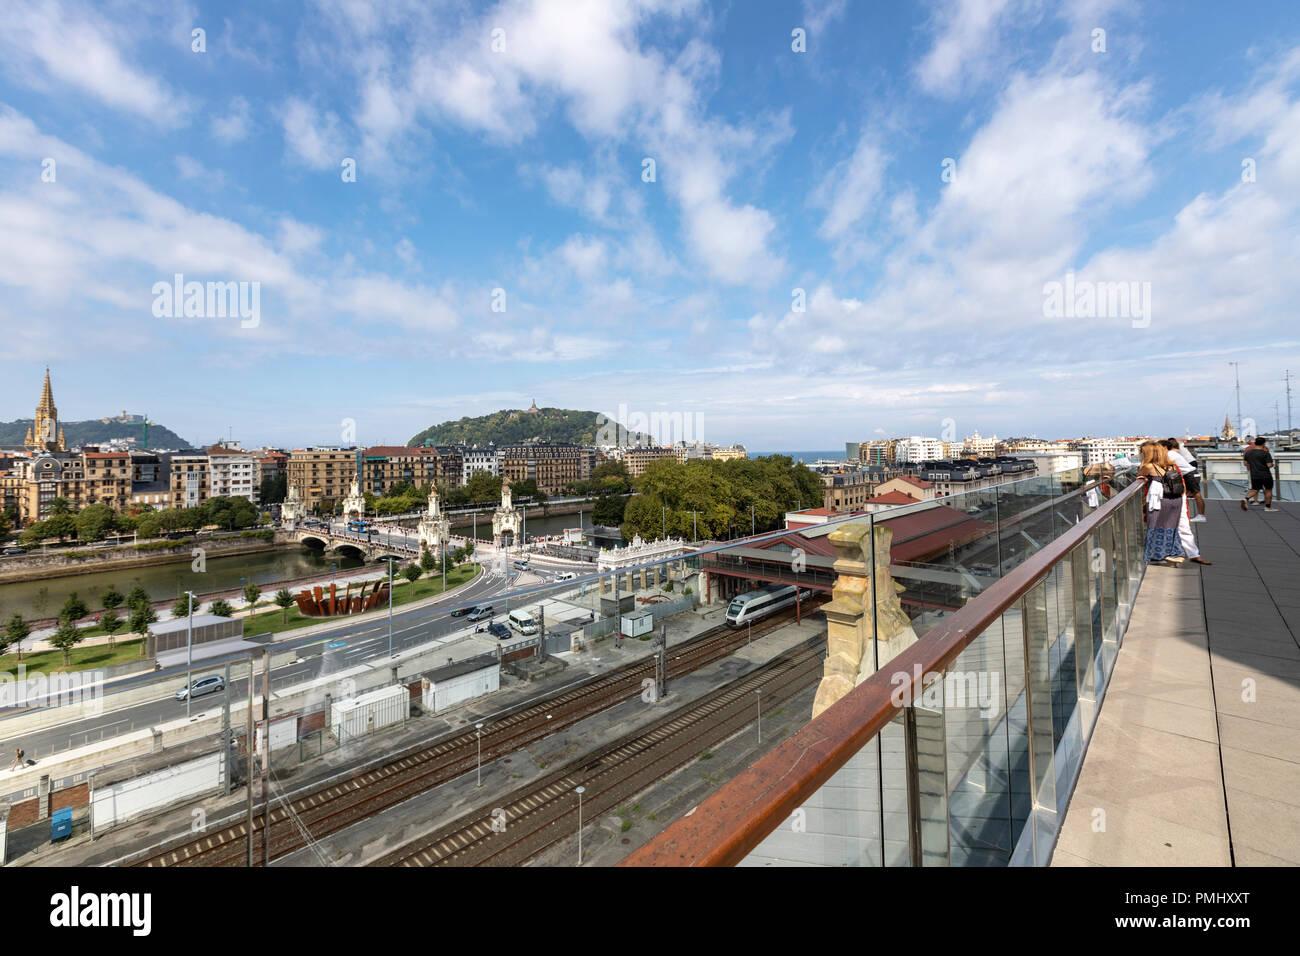 Die Menschen von San Sebastián, mit María Cristina Bridge, von der Terrasse des Tabakalera, San Sebastián, Baskenland, Spanien Stockbild